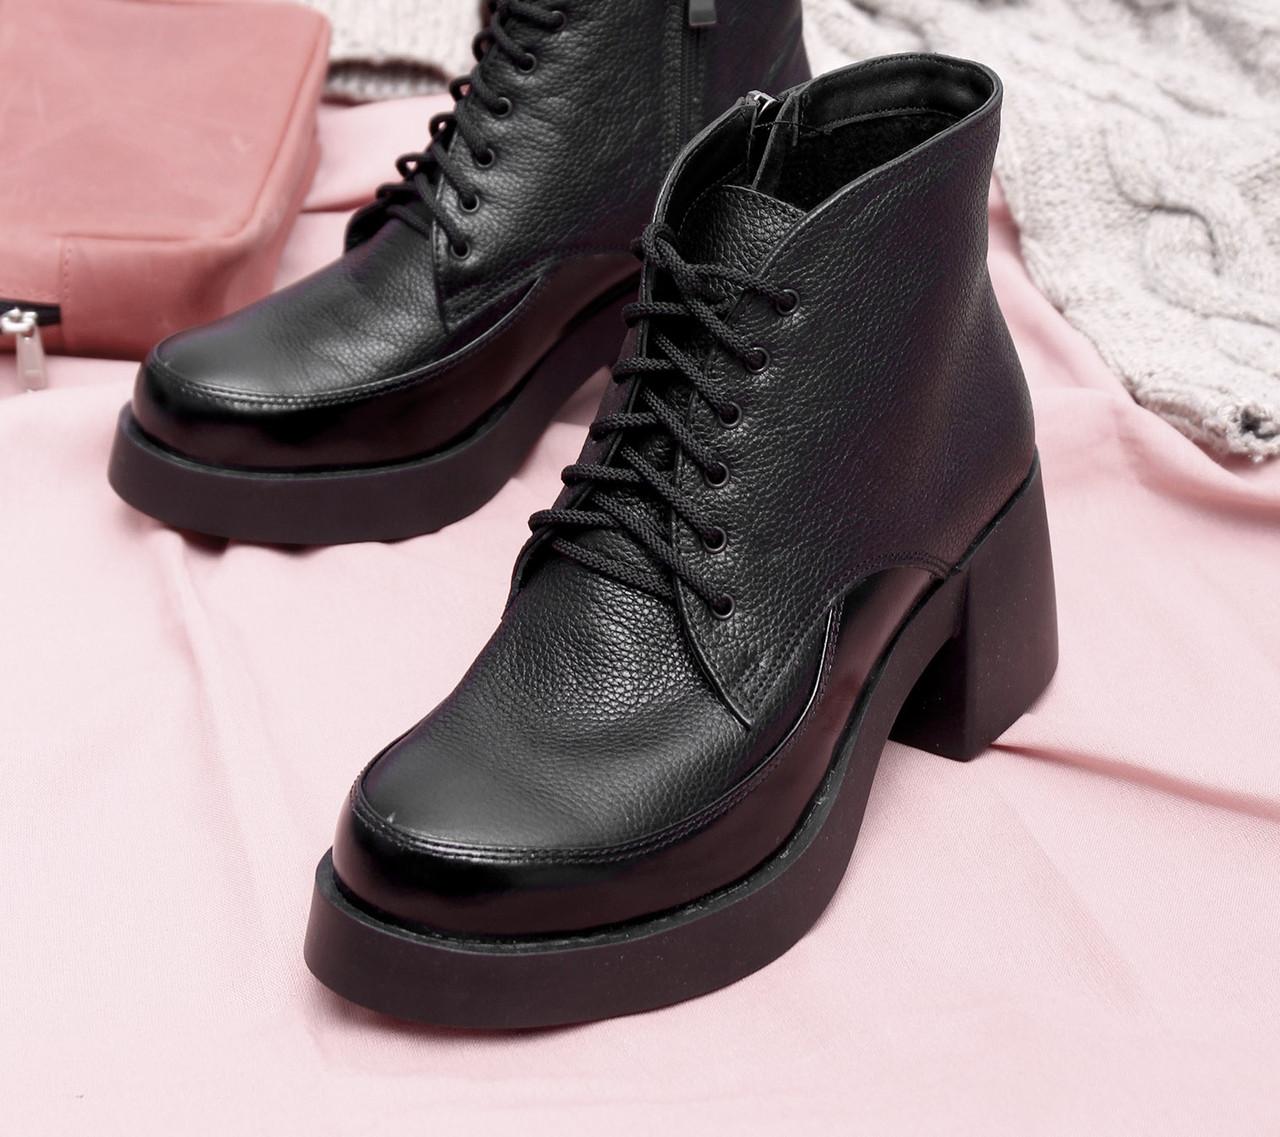 женские кожаные ботинки на массивном каблу 40,41